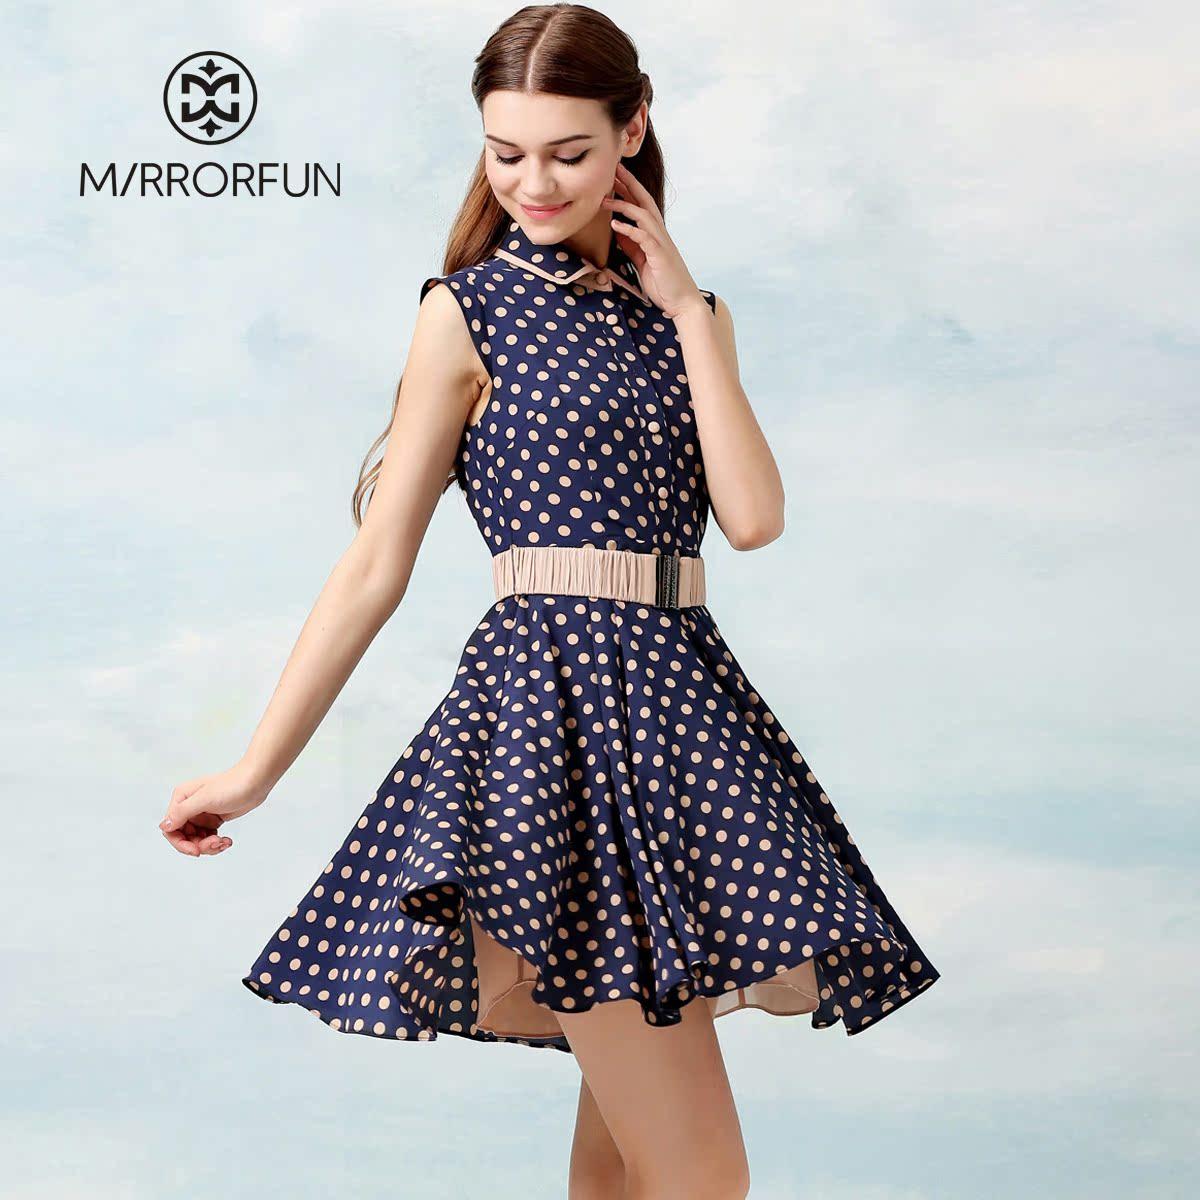 品牌特卖189元 MIRROR FUN 夏装新款 赫本复古蓝色无袖波点连衣裙 价格:189.00